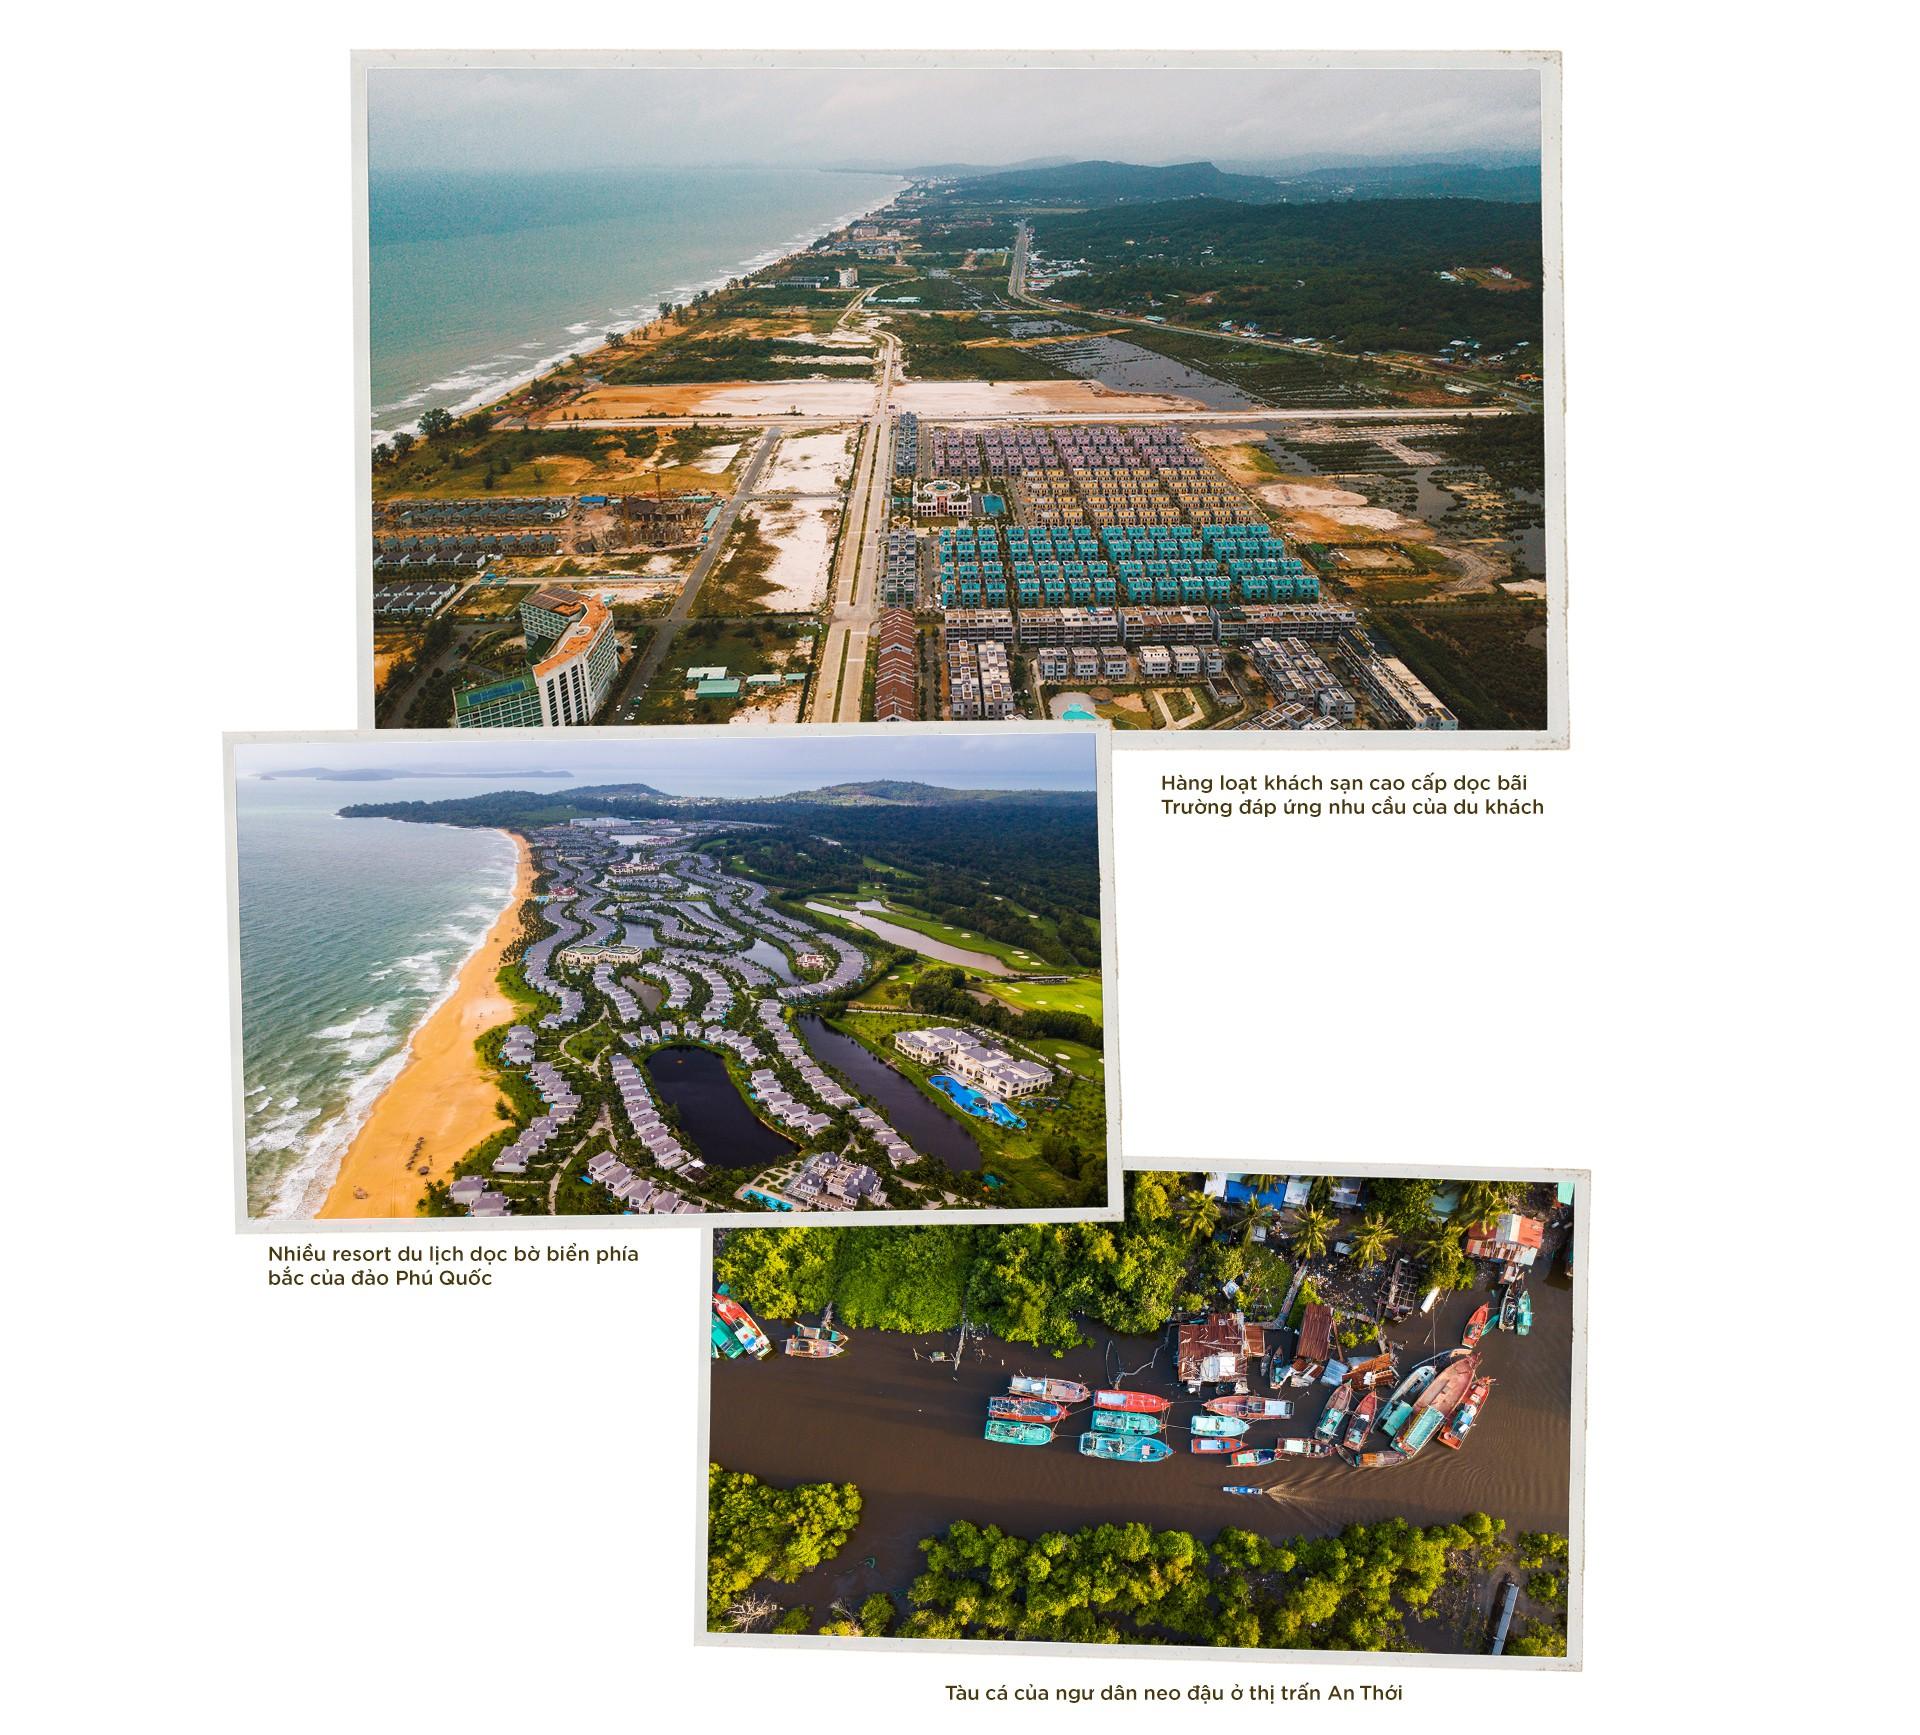 Chạm tay vào đảo ngọc Phú Quốc - Ảnh 19.